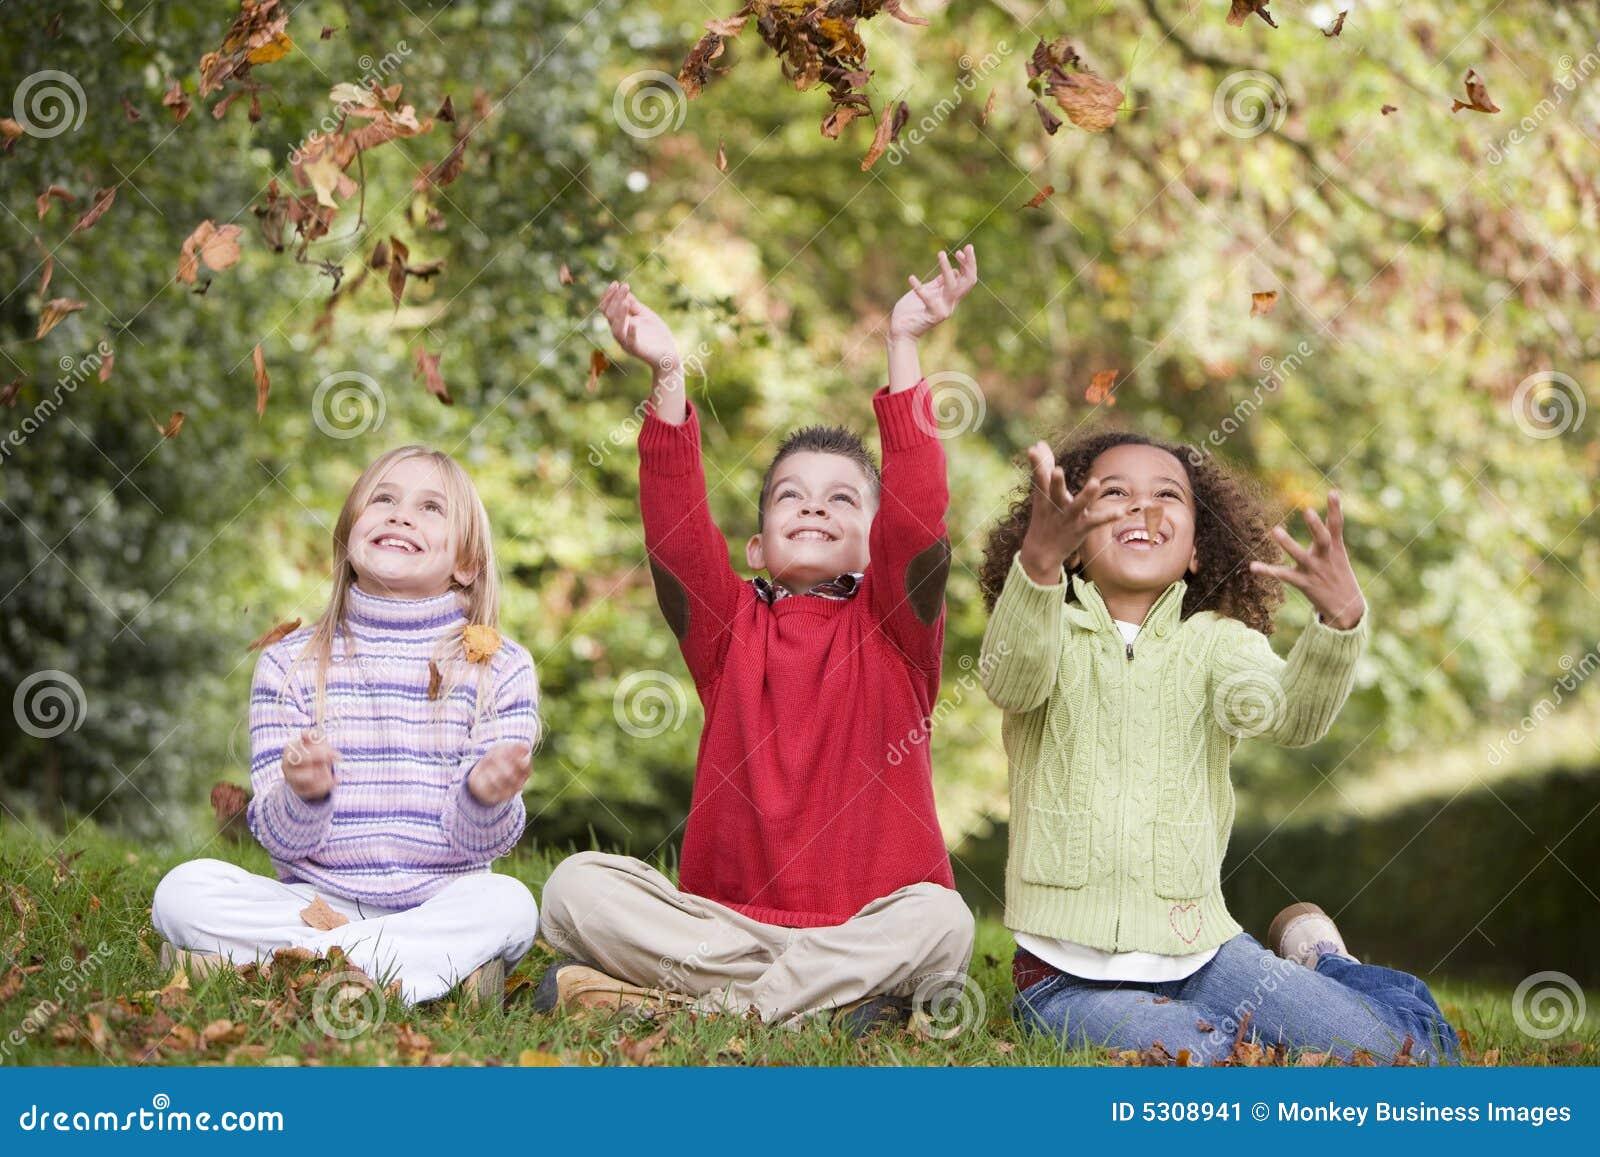 Grupo de niños que juegan en hojas de otoño